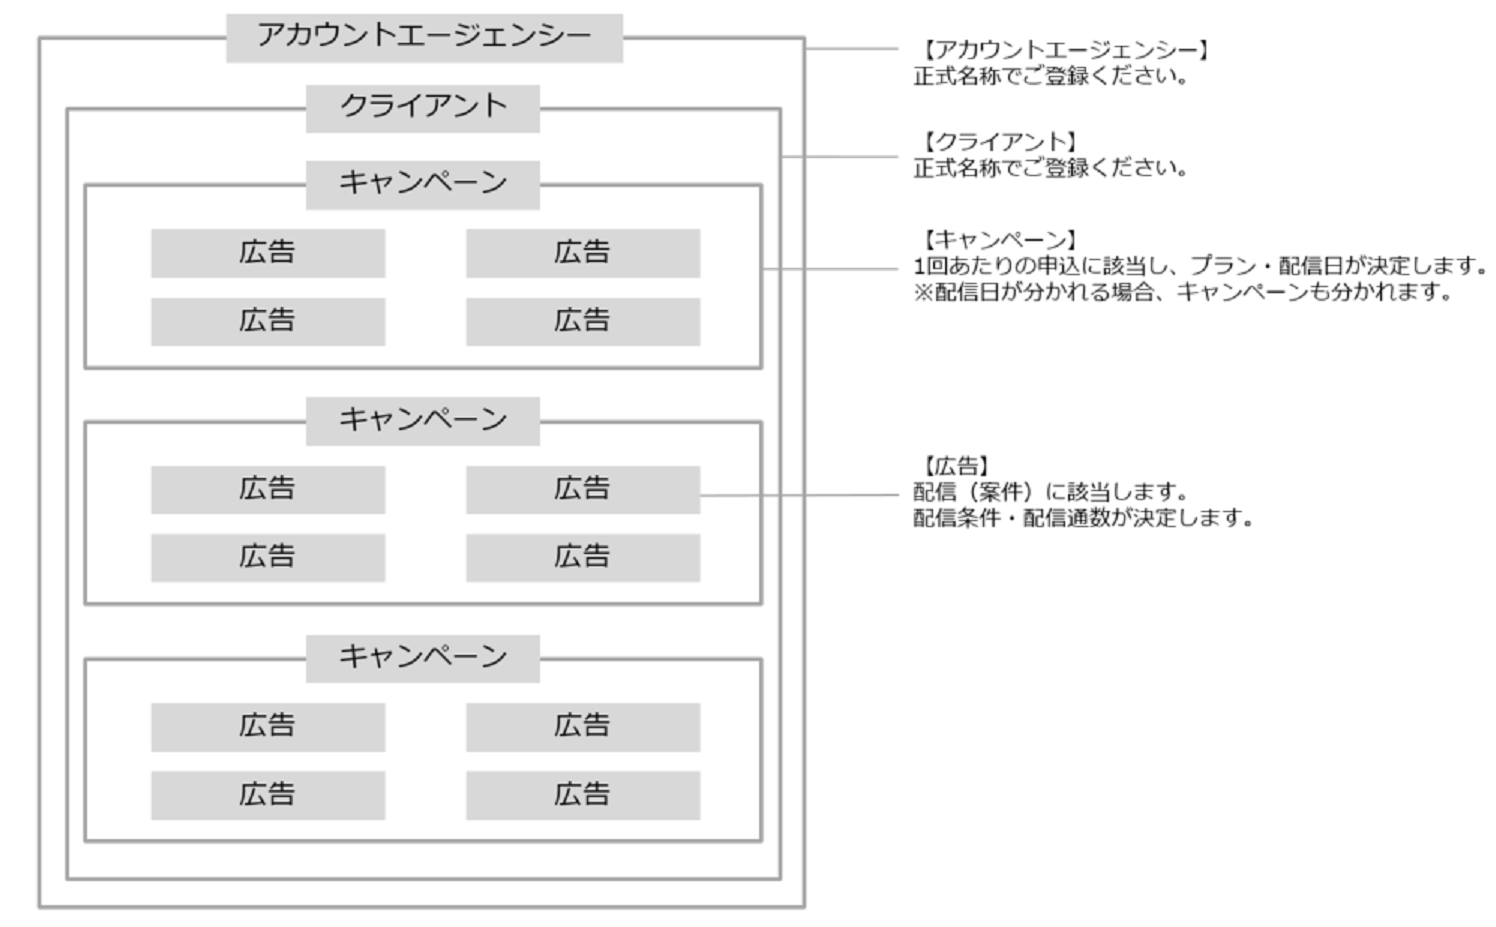 アカウント構造